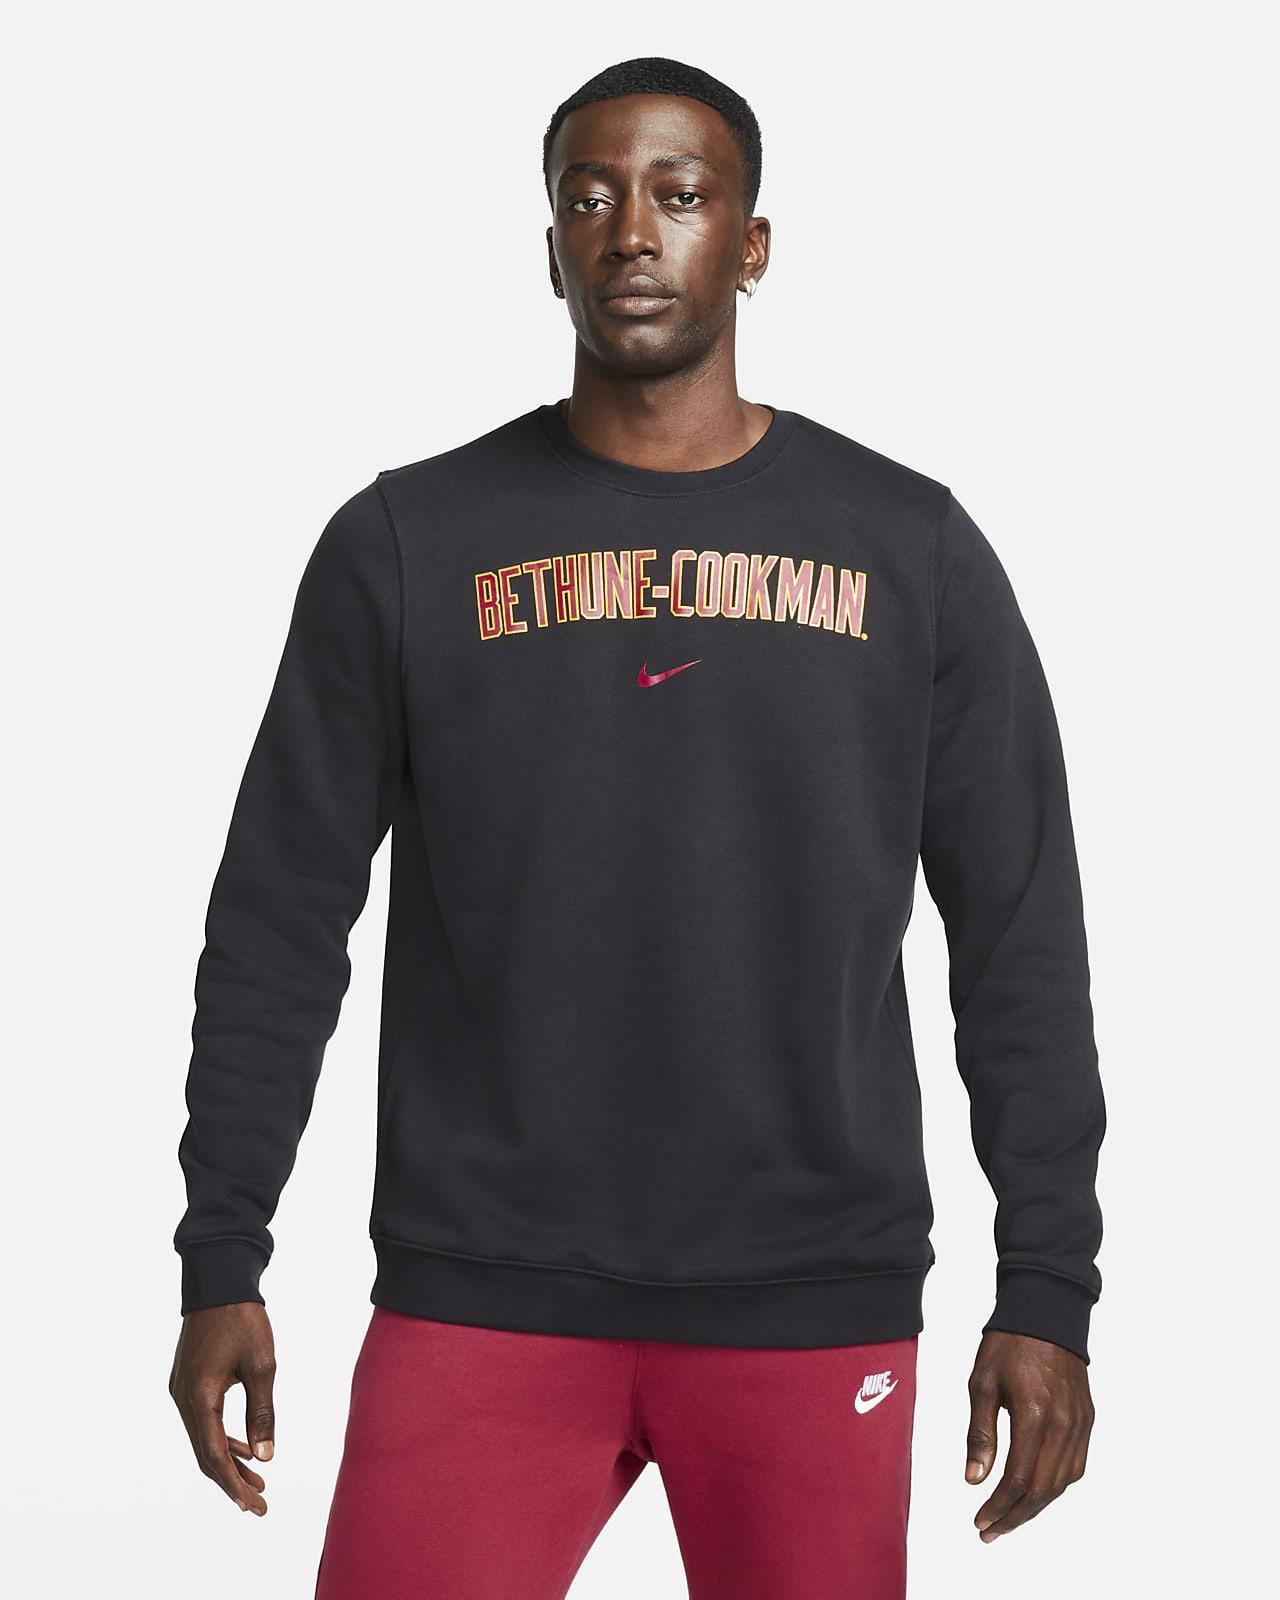 Nike College Club Fleece (Bethune-Cookman) Crew Sweatshirt